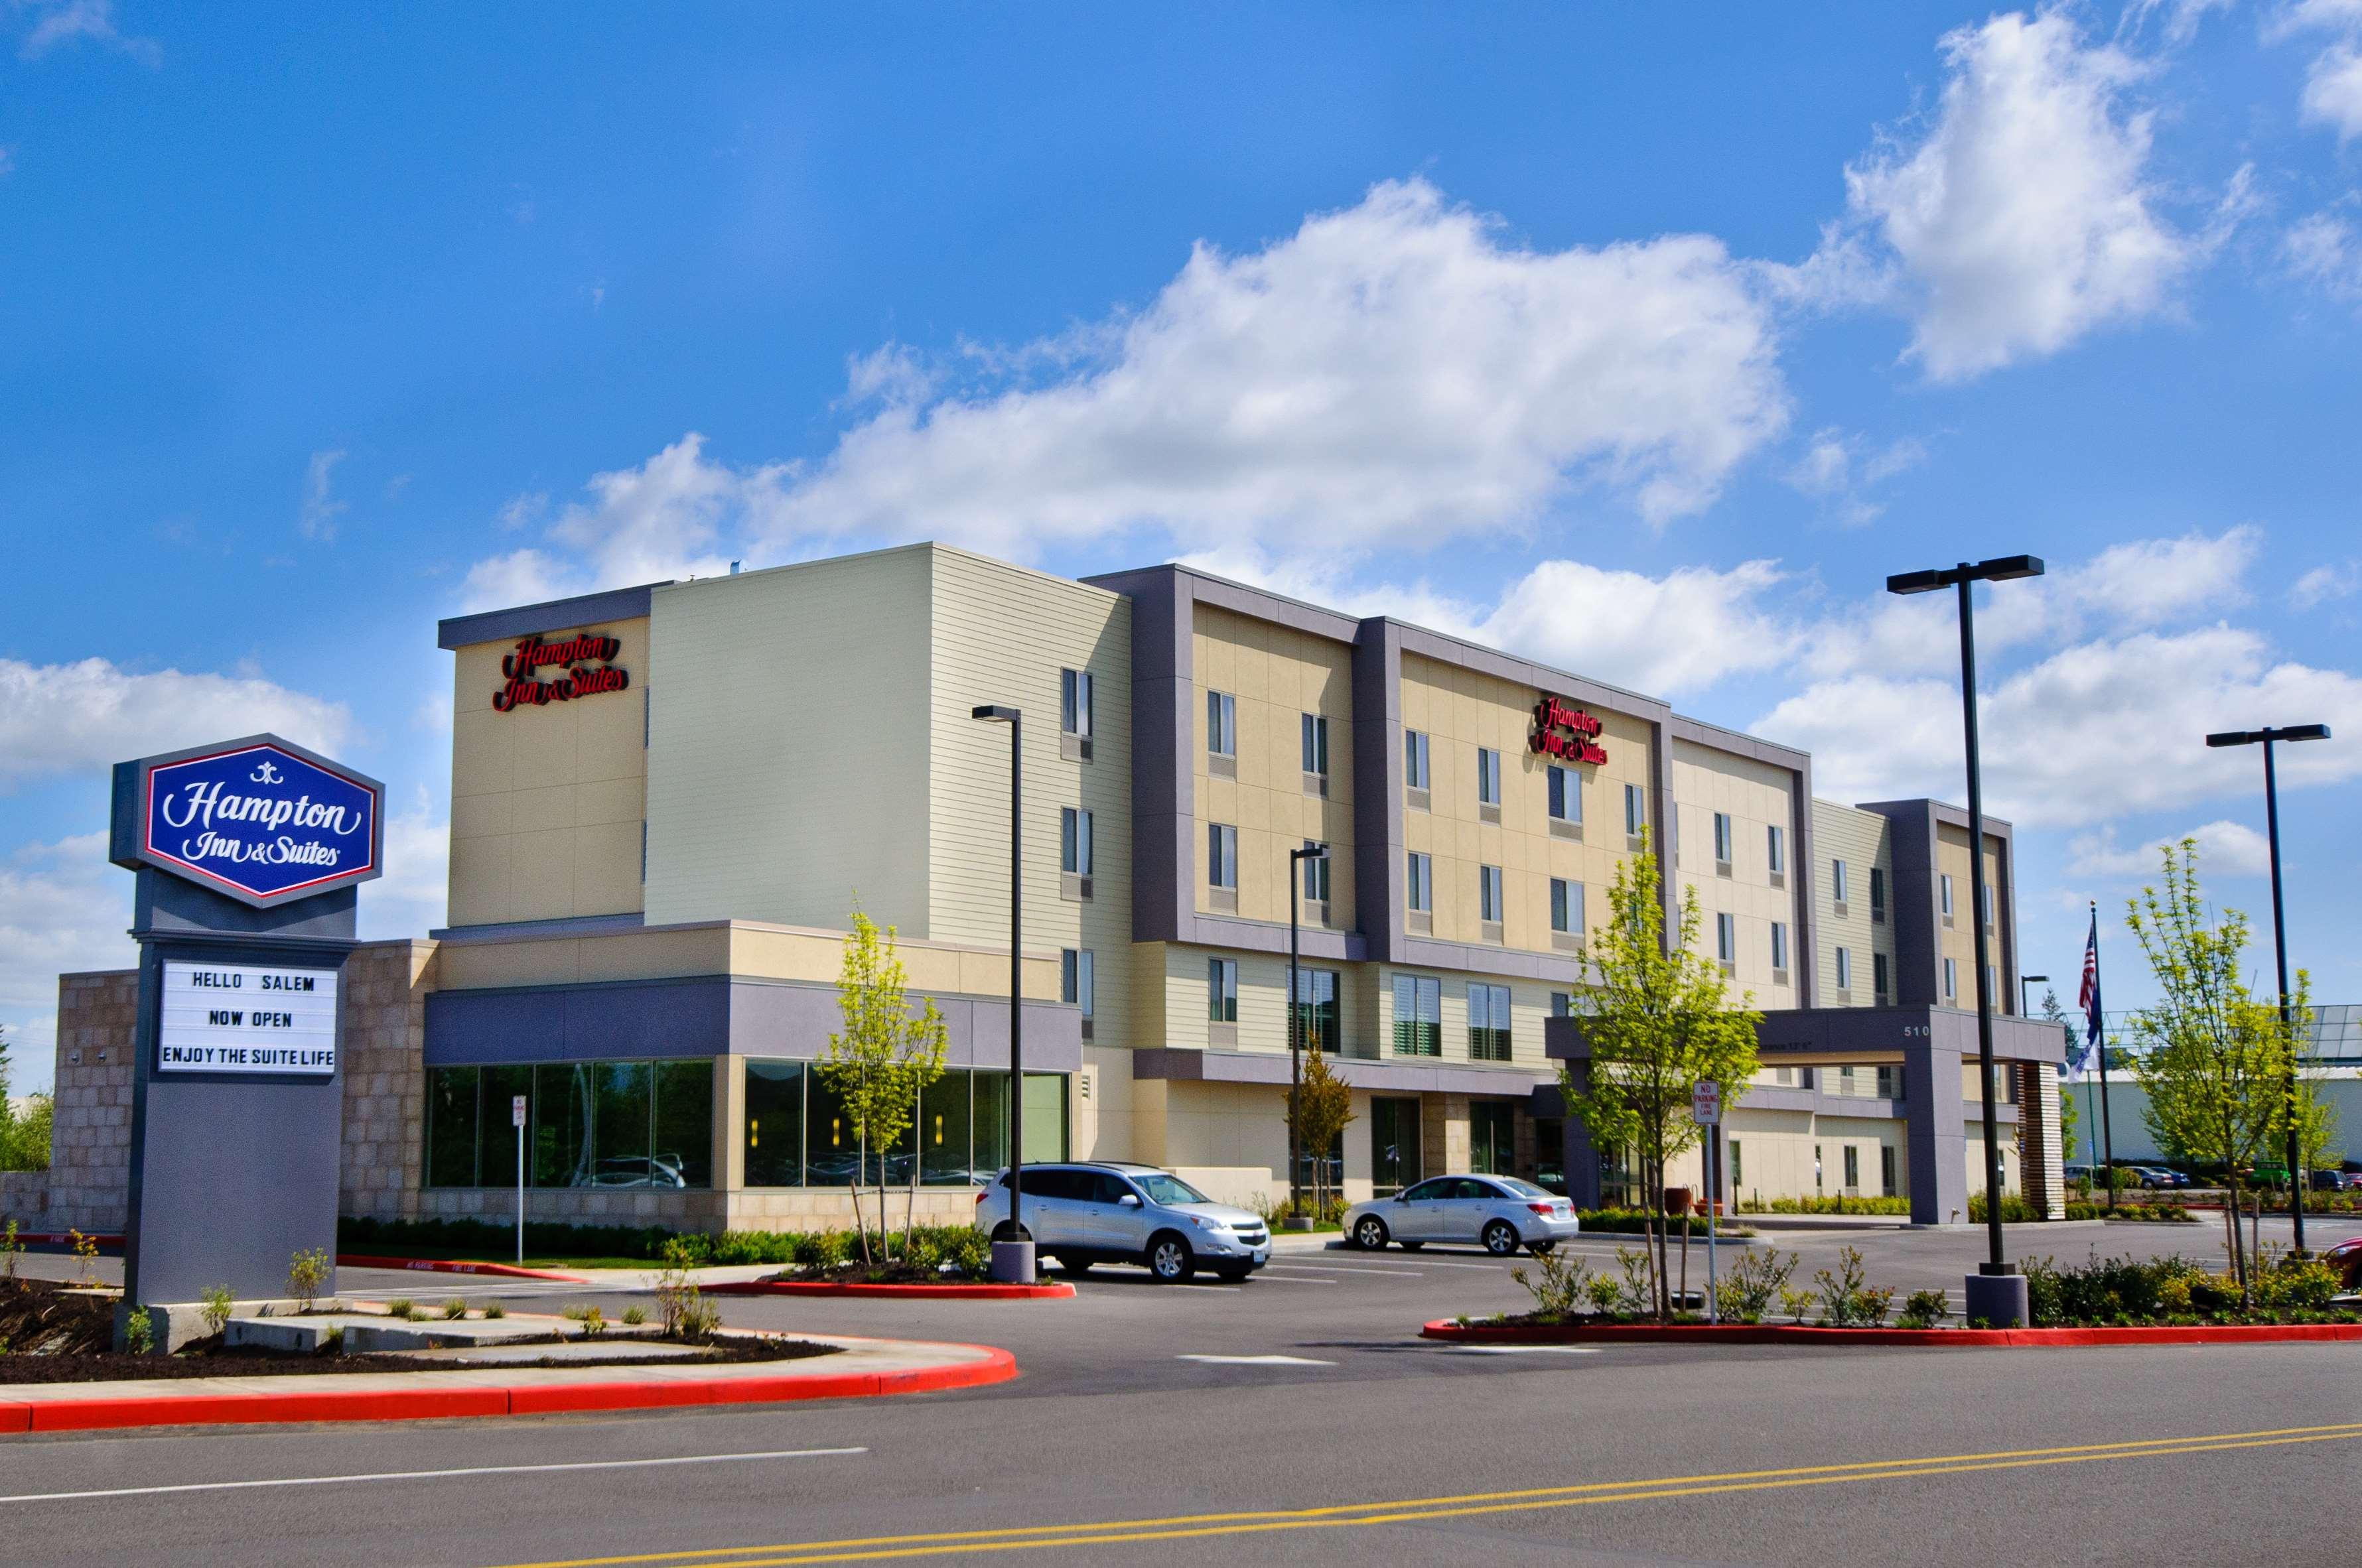 Hampton Inn & Suites Salem image 0